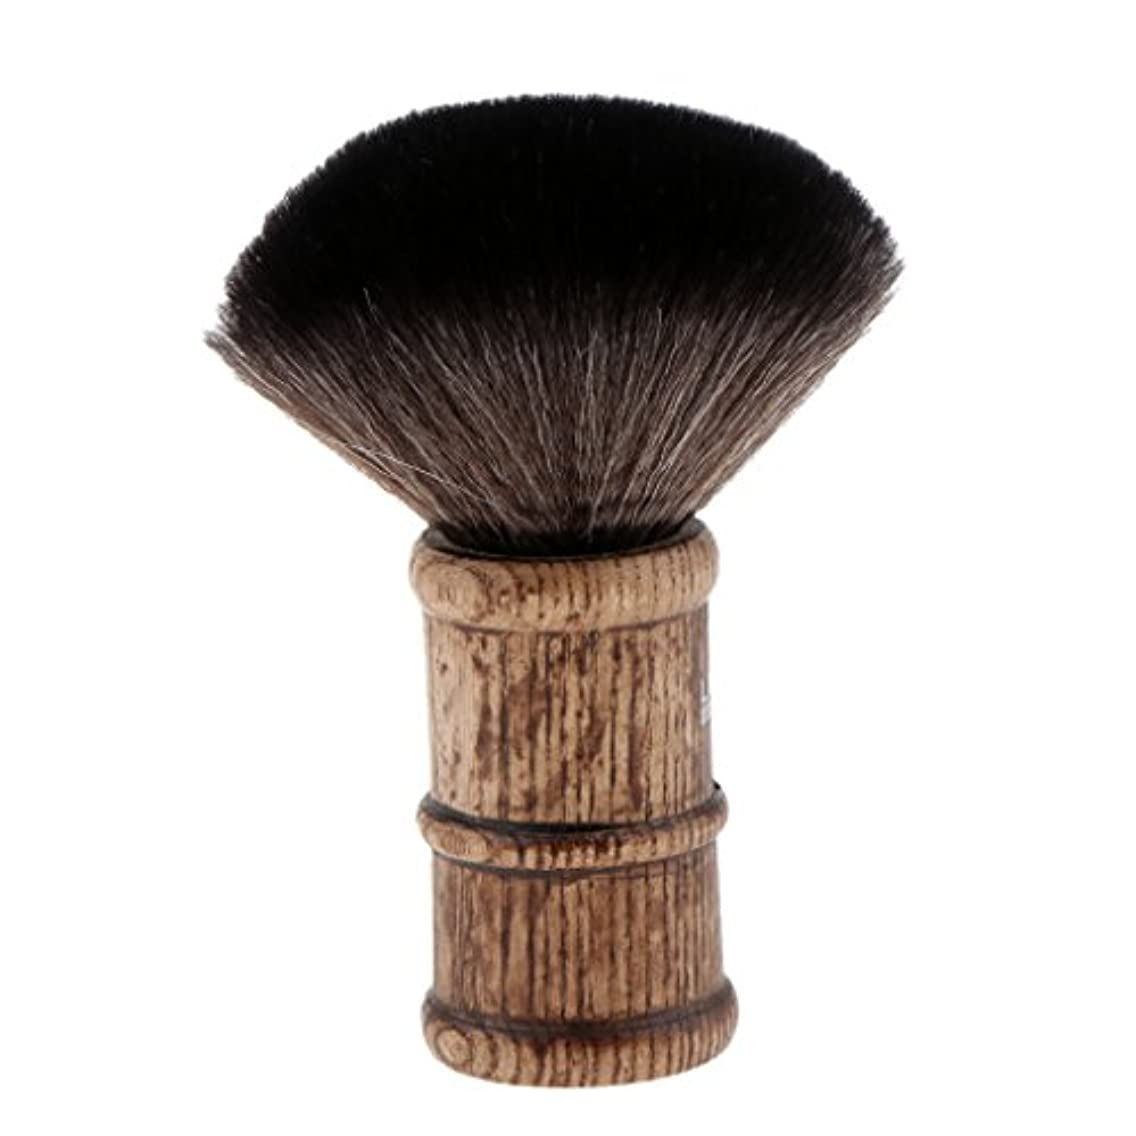 買い手参加する耐えるヘアカット ブラシ ネックダスターブラシ 散髪ブラシ 柔らかい フェイスブラシ 2色選べる - ブラック